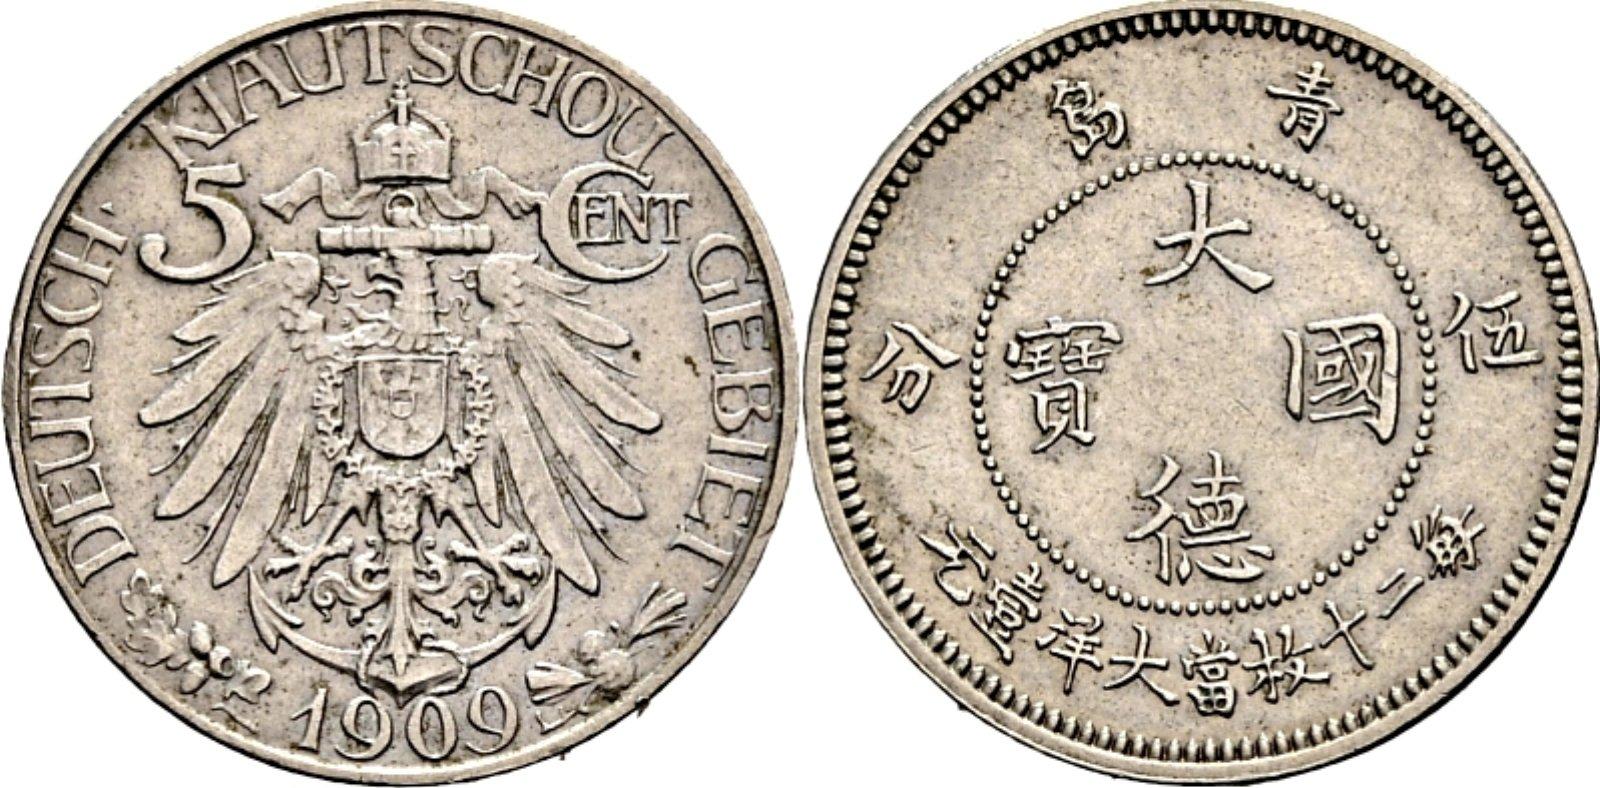 DE 5 Cent 1909 A